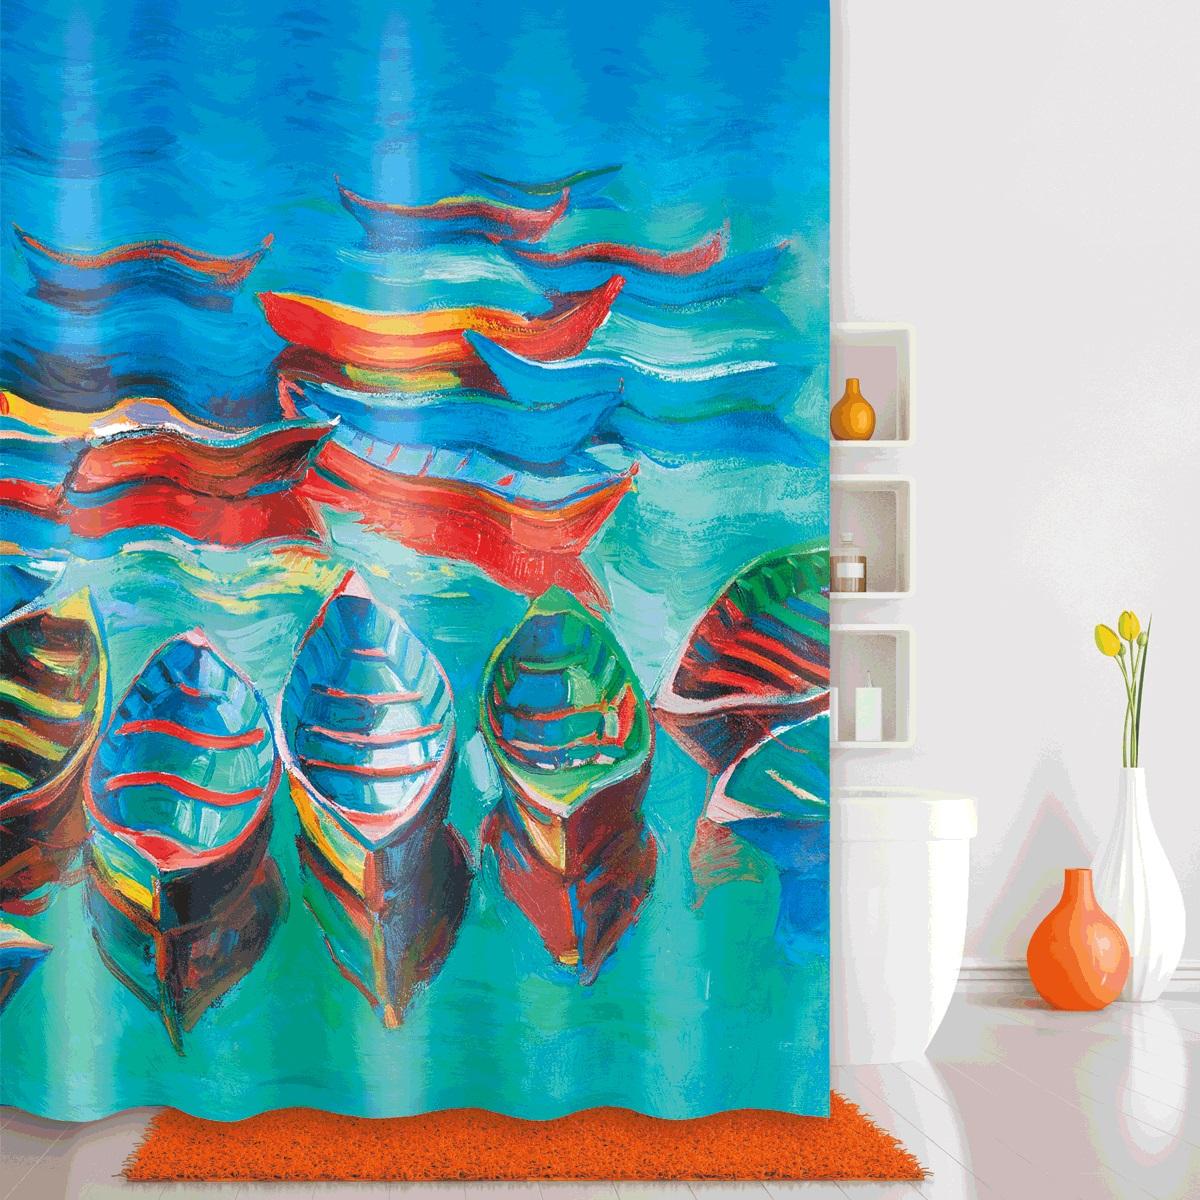 Штора для ванной Iddis Boats, цвет: голубой, 180 x 200 см560P18Ri11Штора для ванной комнаты Iddis выполнена из быстросохнущего материала - 100% полиэстера, что обеспечивает прочность изделия и легкость ухода за ним.Материал шторы пропитан специальным водоотталкивающим составом Waterprof.Изделие изготовлено из экологически-чистого материала, оно обладает высокой степенью гигиеничности, не вызывает аллергических реакций.Штора имеет 12 металлических люверсов. В комплекте: штора и кольца.